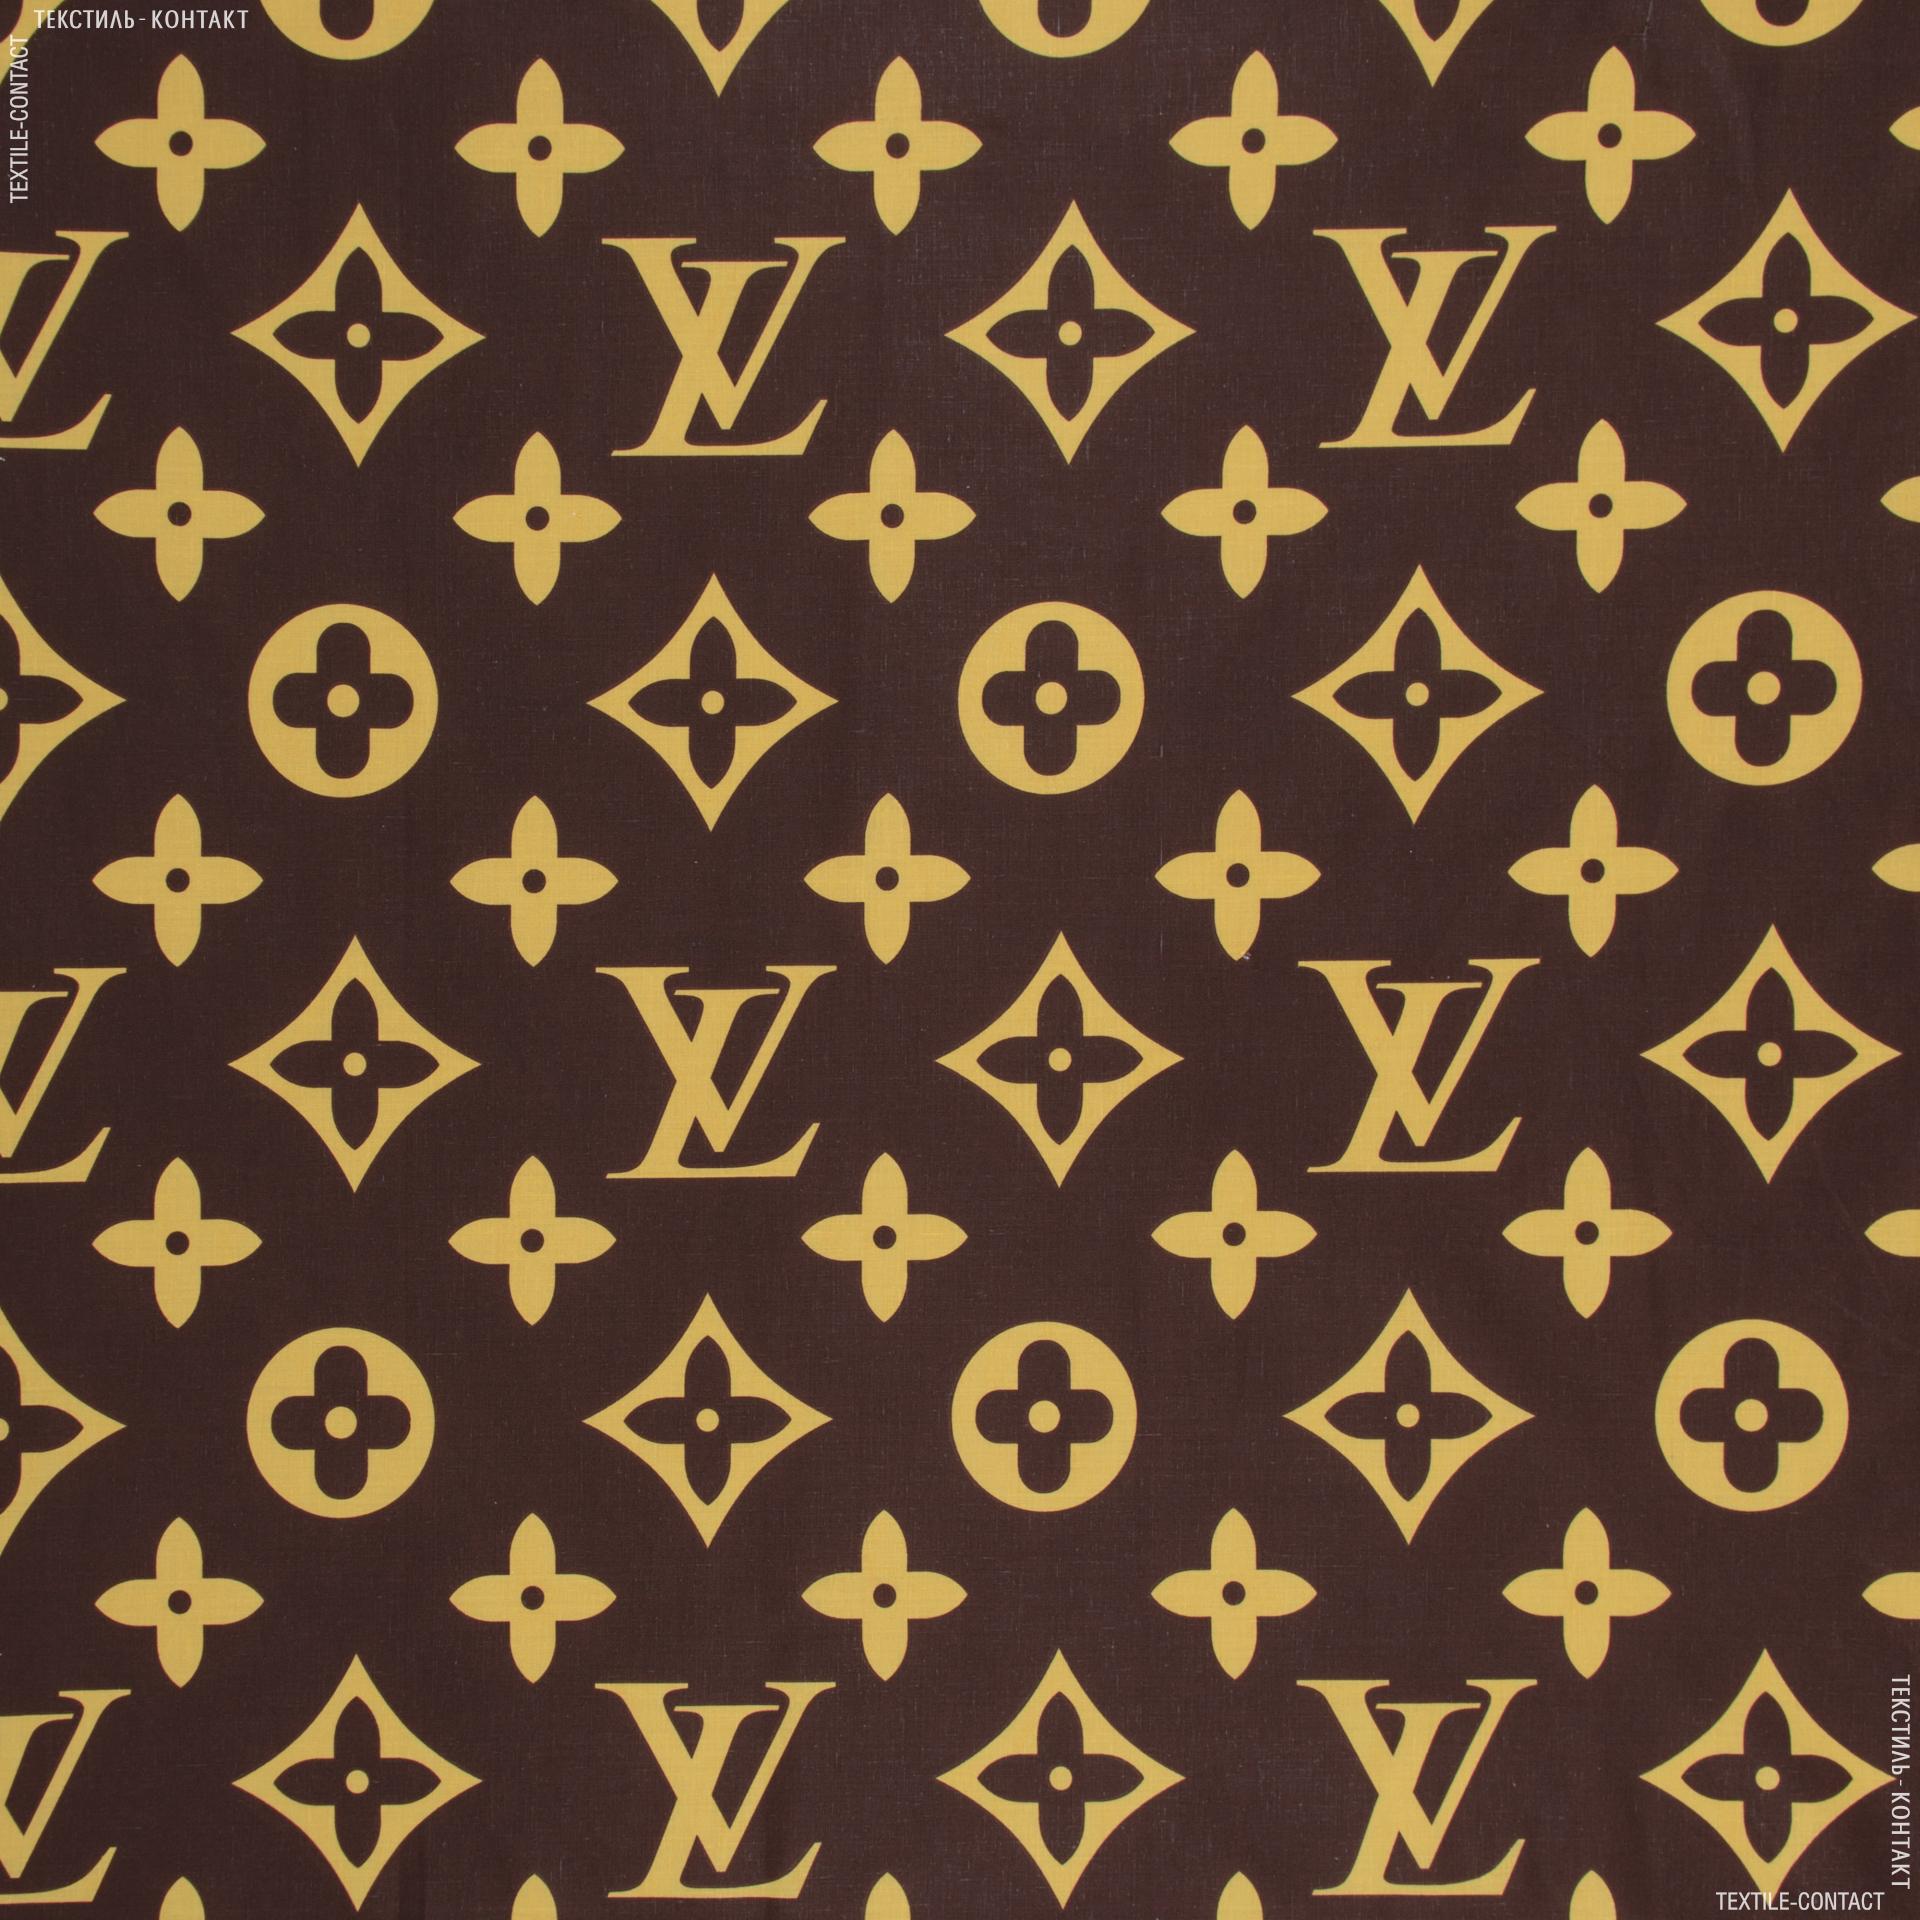 Ткань louis vuitton купить в набор для вышивания опт